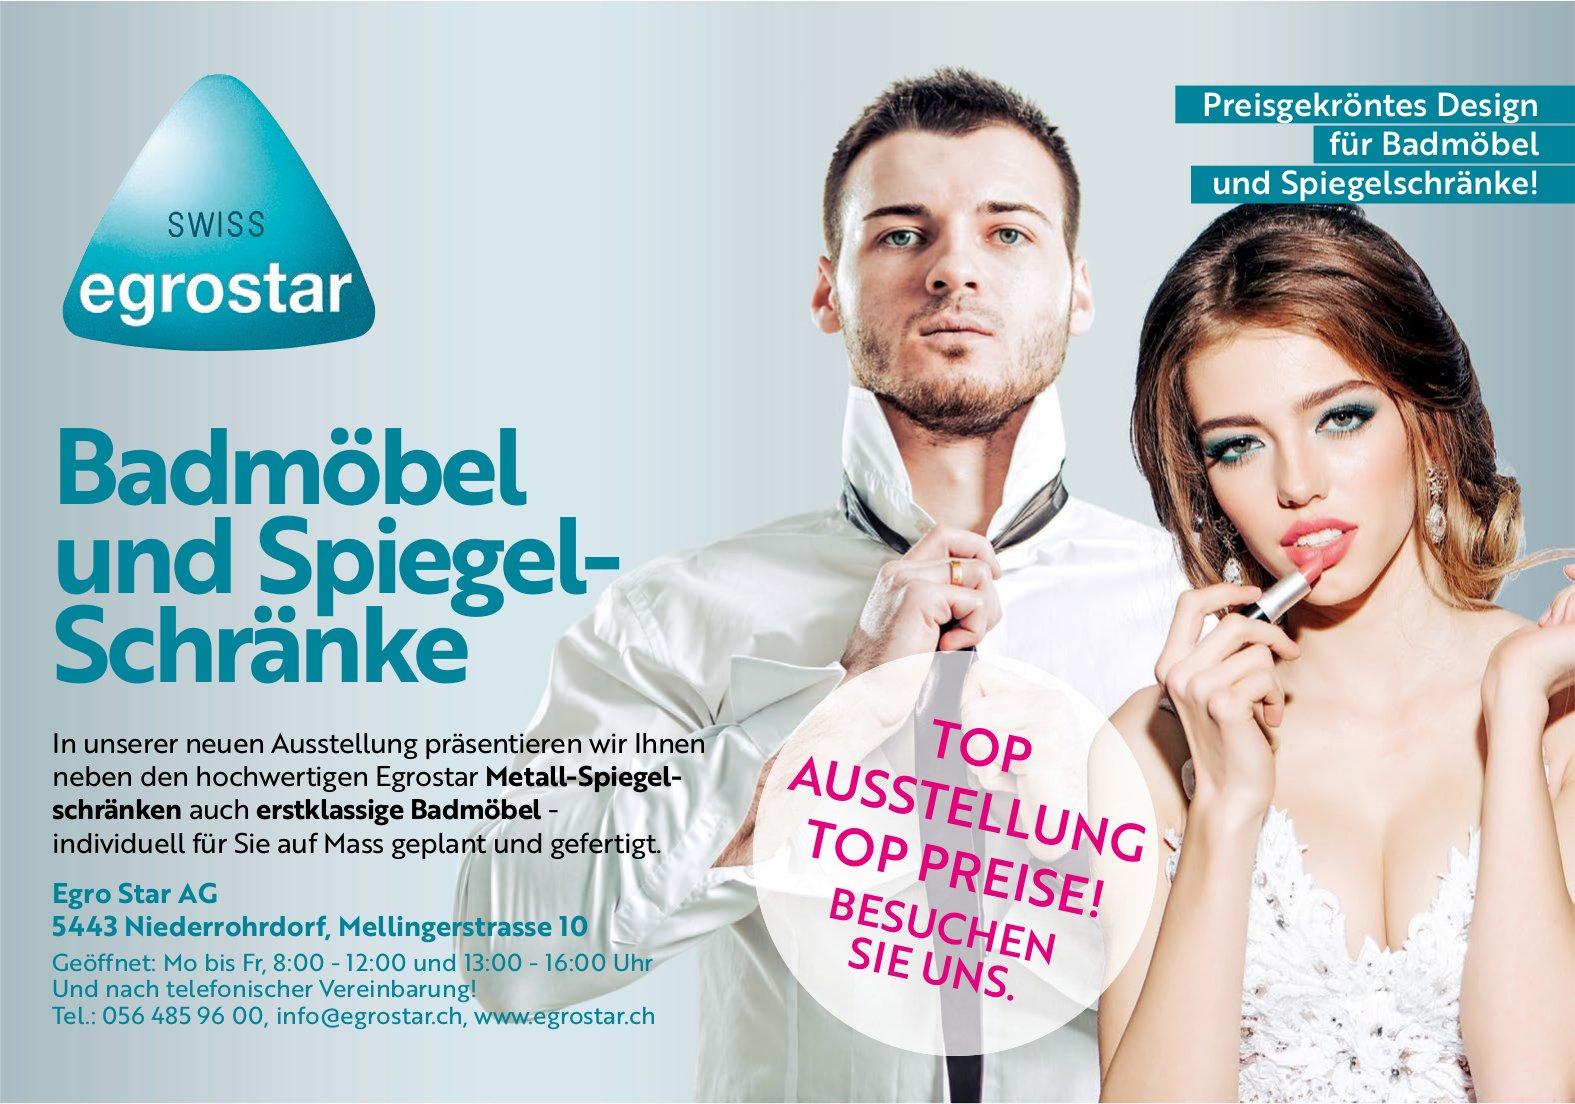 Egro Star AG - Badmöbel und Spiegel-Schränke